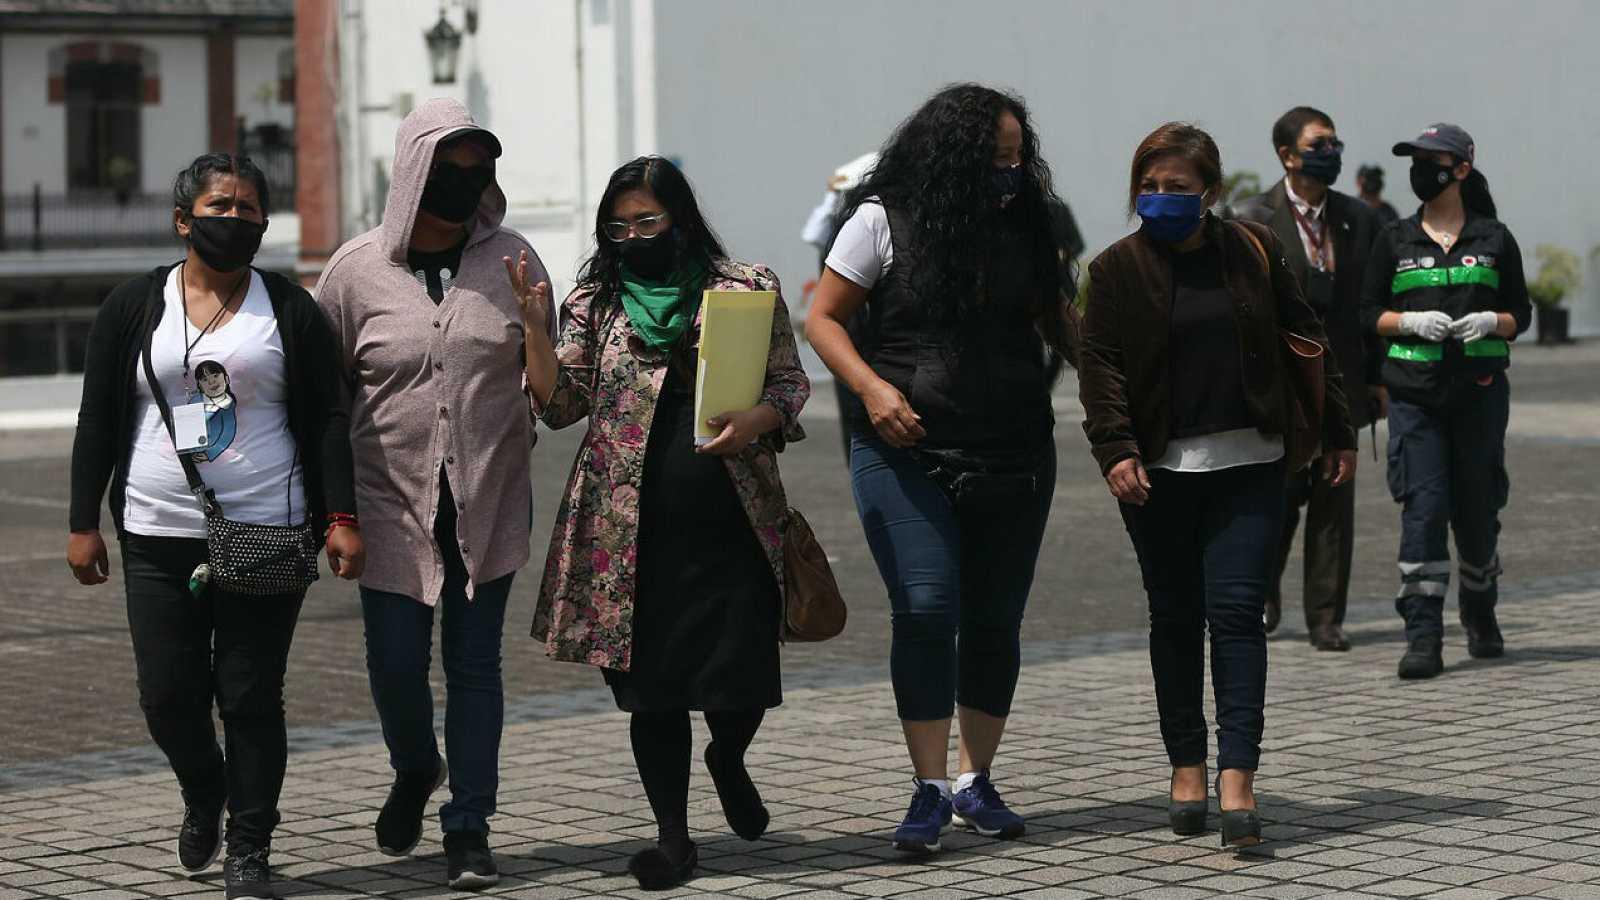 Familiares de algunas de las mujeres víctimas de violencia que protagonizan la ocupación de las instalaciones de la Comisión Nacional de Derechos Humanos (CNDH), salen tras reunirse con la secretaria de Gobernación (Interior) de México, Olga Sánchez